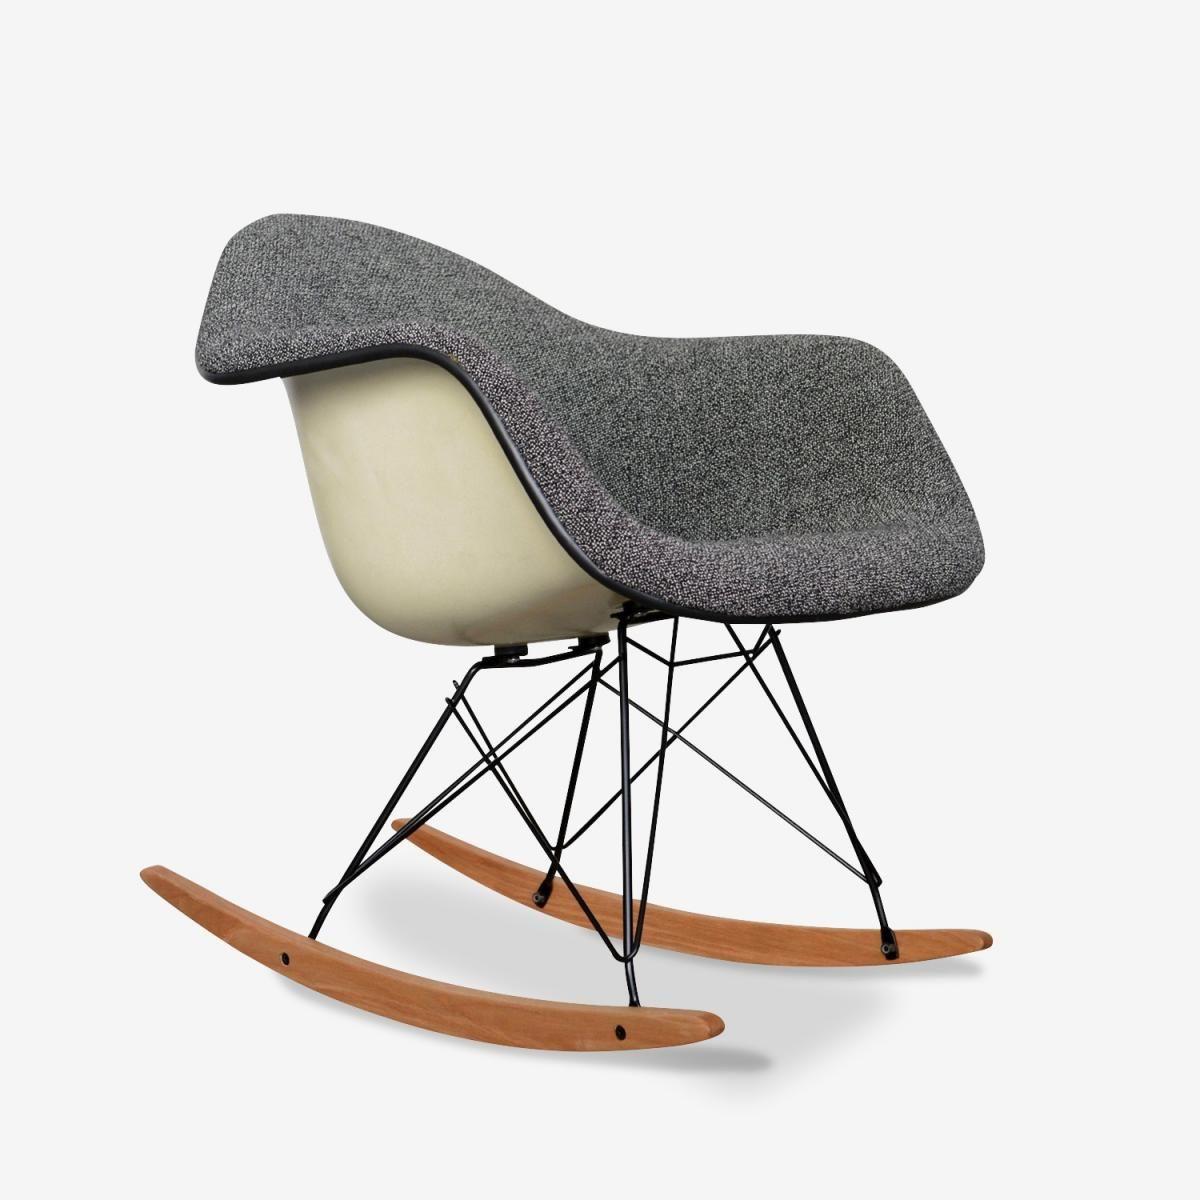 Chaise A Bascule Rar Par Charles Ray Eames 1968 1 Chaise A Bascule Eames Fauteuil Eames